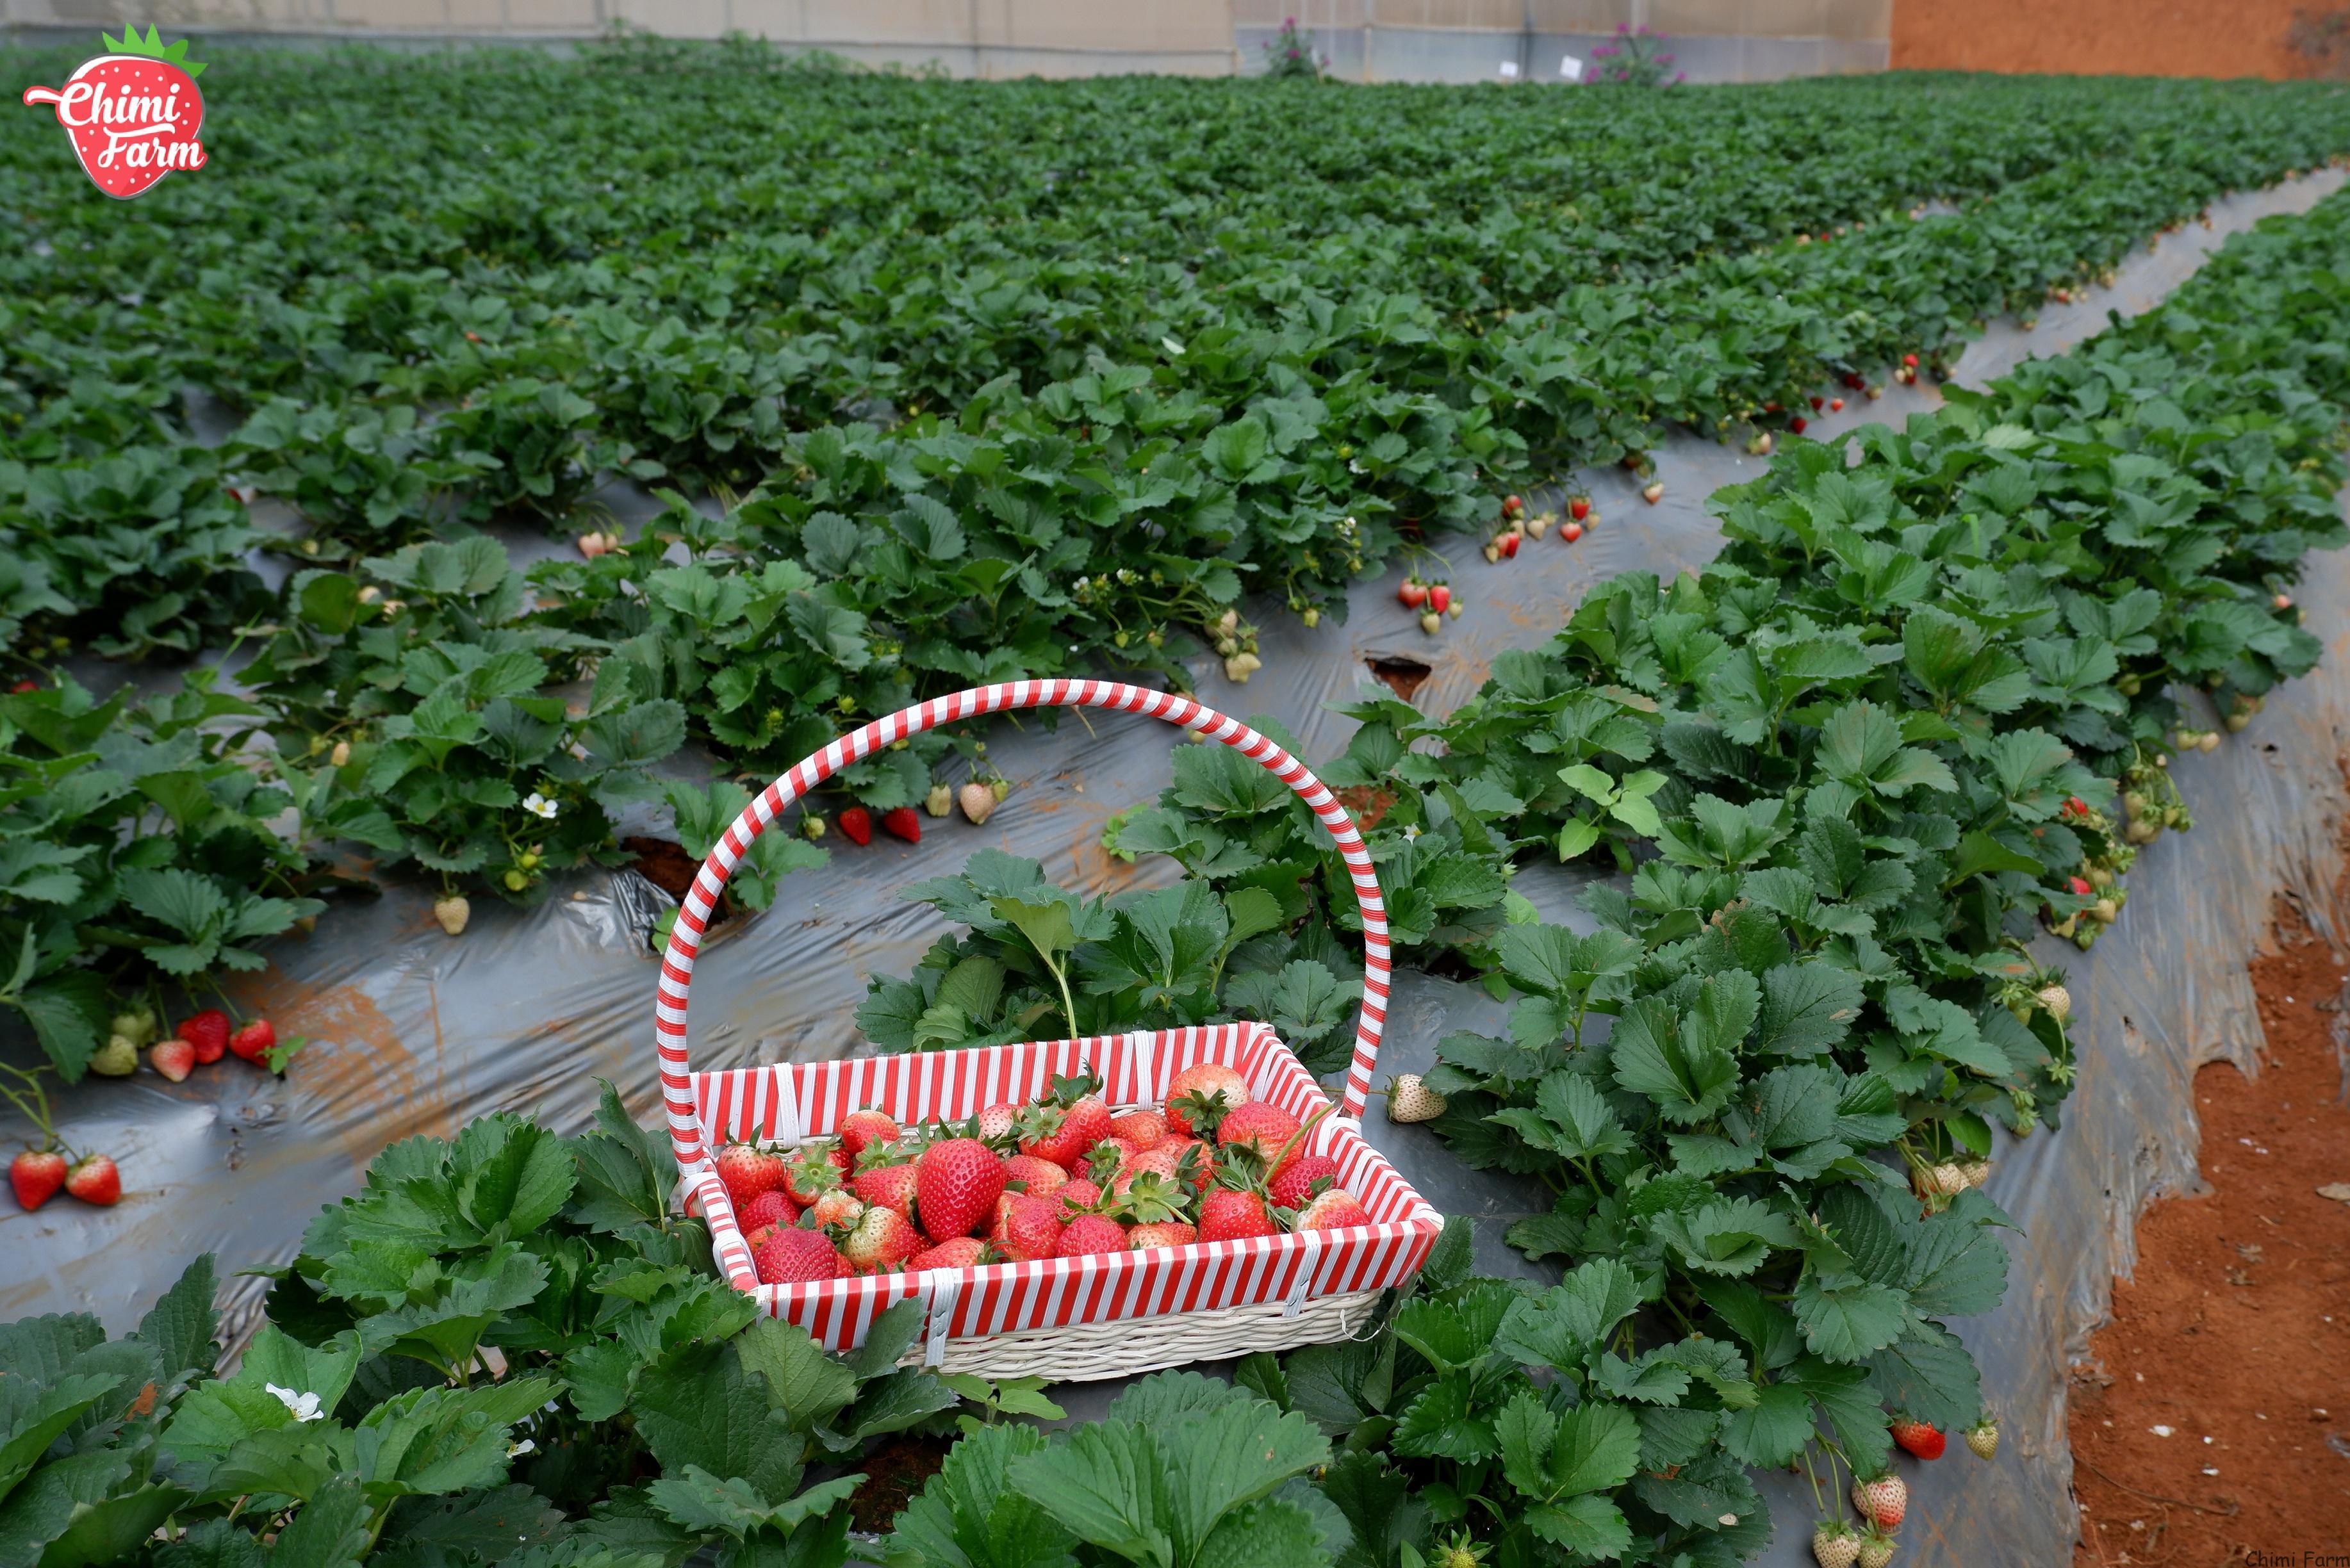 Trang trại dâu tây Chimi với những trái dâu tây chính vụ sai trĩu quả